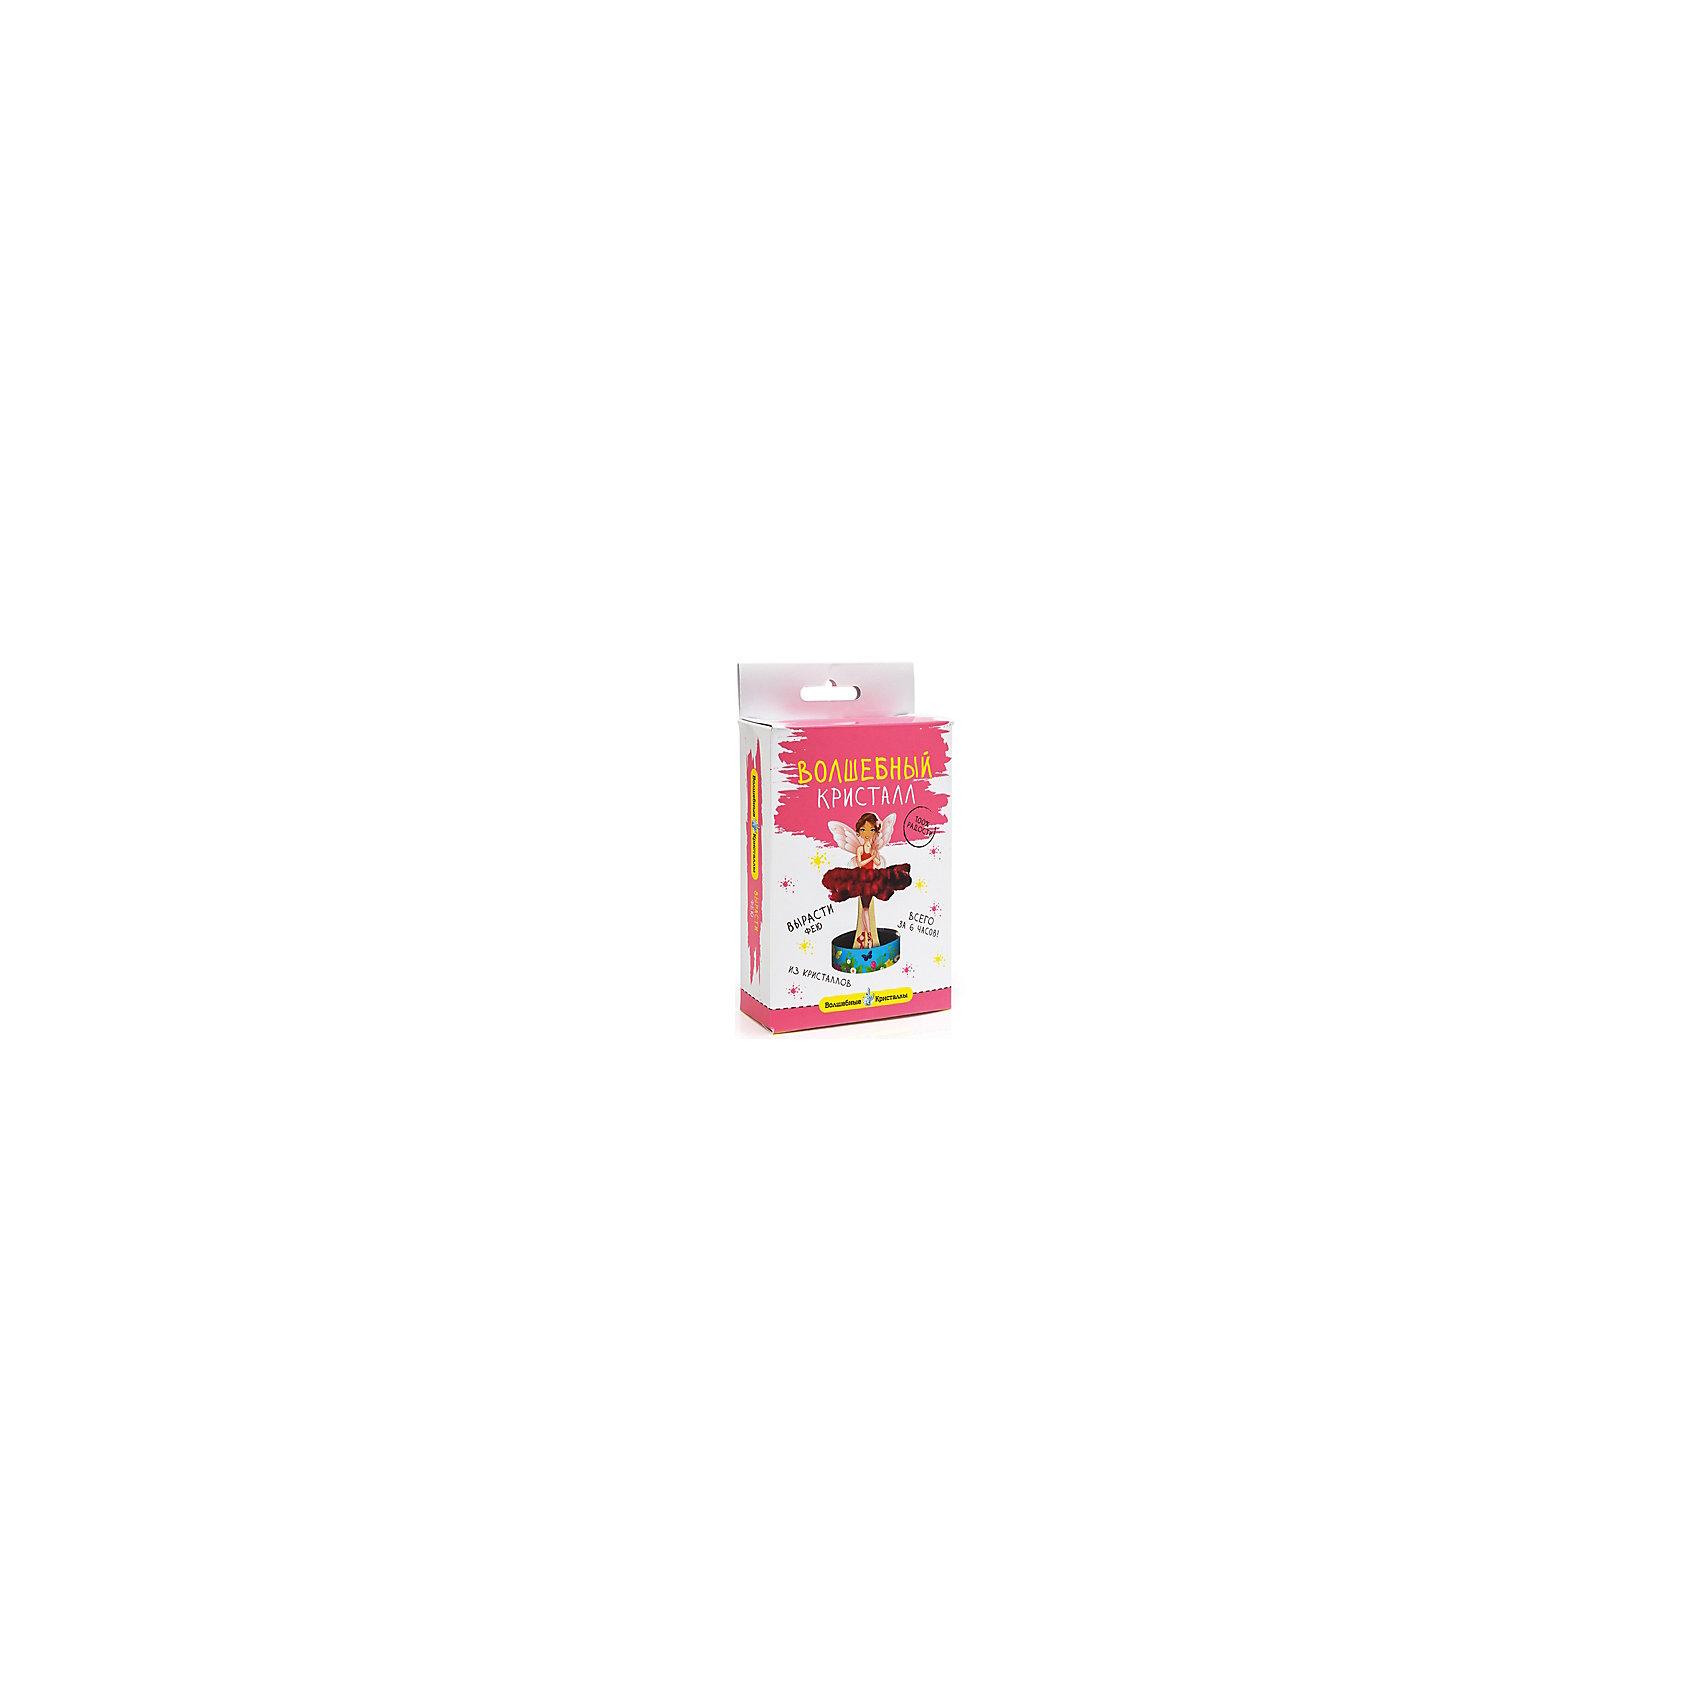 Набор для экспериментов Волшебные кристаллы - Фея в розовом БумбарамКристаллы<br>Волшебные кристаллы Фея розовая Бумбарам.<br><br>Характеристики:<br><br>• интересный эксперимент с выращиванием кристаллов<br>• яркий цвет<br>• пошаговая инструкция<br>• прост в использовании<br>• безопасен для детей<br>• пошаговая инструкция в комплекте<br>• размер упаковки: 16,5х10х3 см<br>• вес: 50 грамм<br>• цвет: розовый<br>• готовую поделку рекомендуется покрыть лаком<br><br>С набором Волшебные кристаллы. Фея ребенок сможет создать прекрасную фею с очаровательной юбкой. Для этого нужно установить каркас феи на подставку и добавить специальный раствор. Уже через 6 часов юбка феи станет очень пышной, чем непременно порадует любителей прекрасного. Волшебная фея станет превосходным дополнением к детской комнате!<br><br>Волшебные кристаллы Фея Бумбарам розовая можно купить в нашем интернет-магазине.<br><br>Ширина мм: 170<br>Глубина мм: 100<br>Высота мм: 30<br>Вес г: 50<br>Возраст от месяцев: 72<br>Возраст до месяцев: 144<br>Пол: Женский<br>Возраст: Детский<br>SKU: 5053926